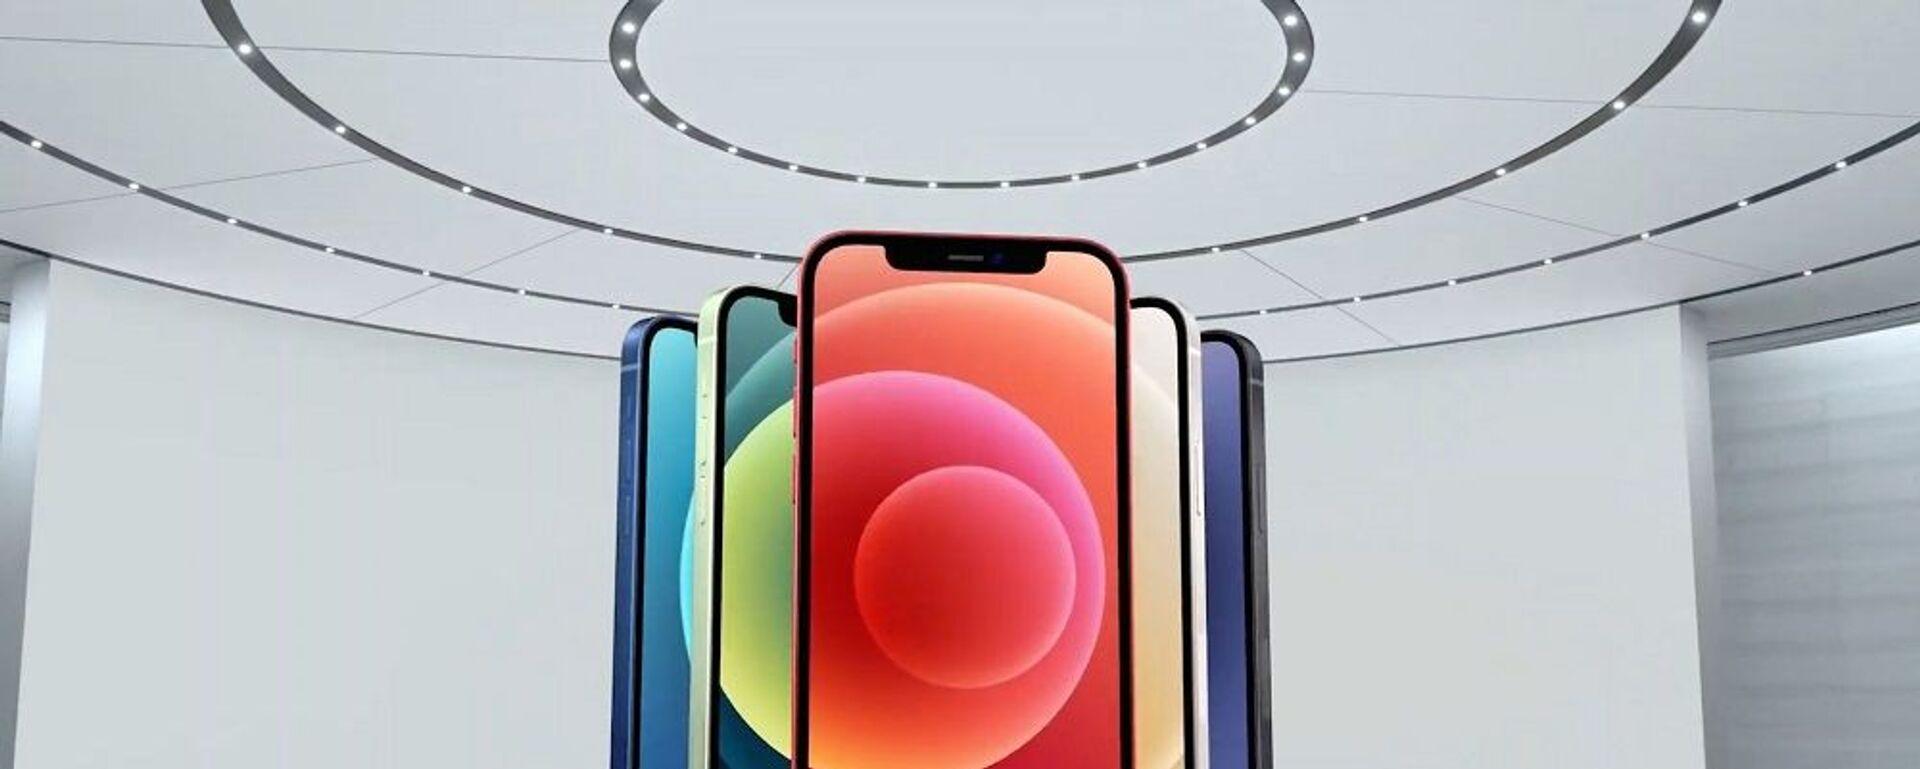 Τα χρώματα στα οποία θα κυκλοφορήσει το νέο iPhone 12 - Sputnik Ελλάδα, 1920, 29.06.2021